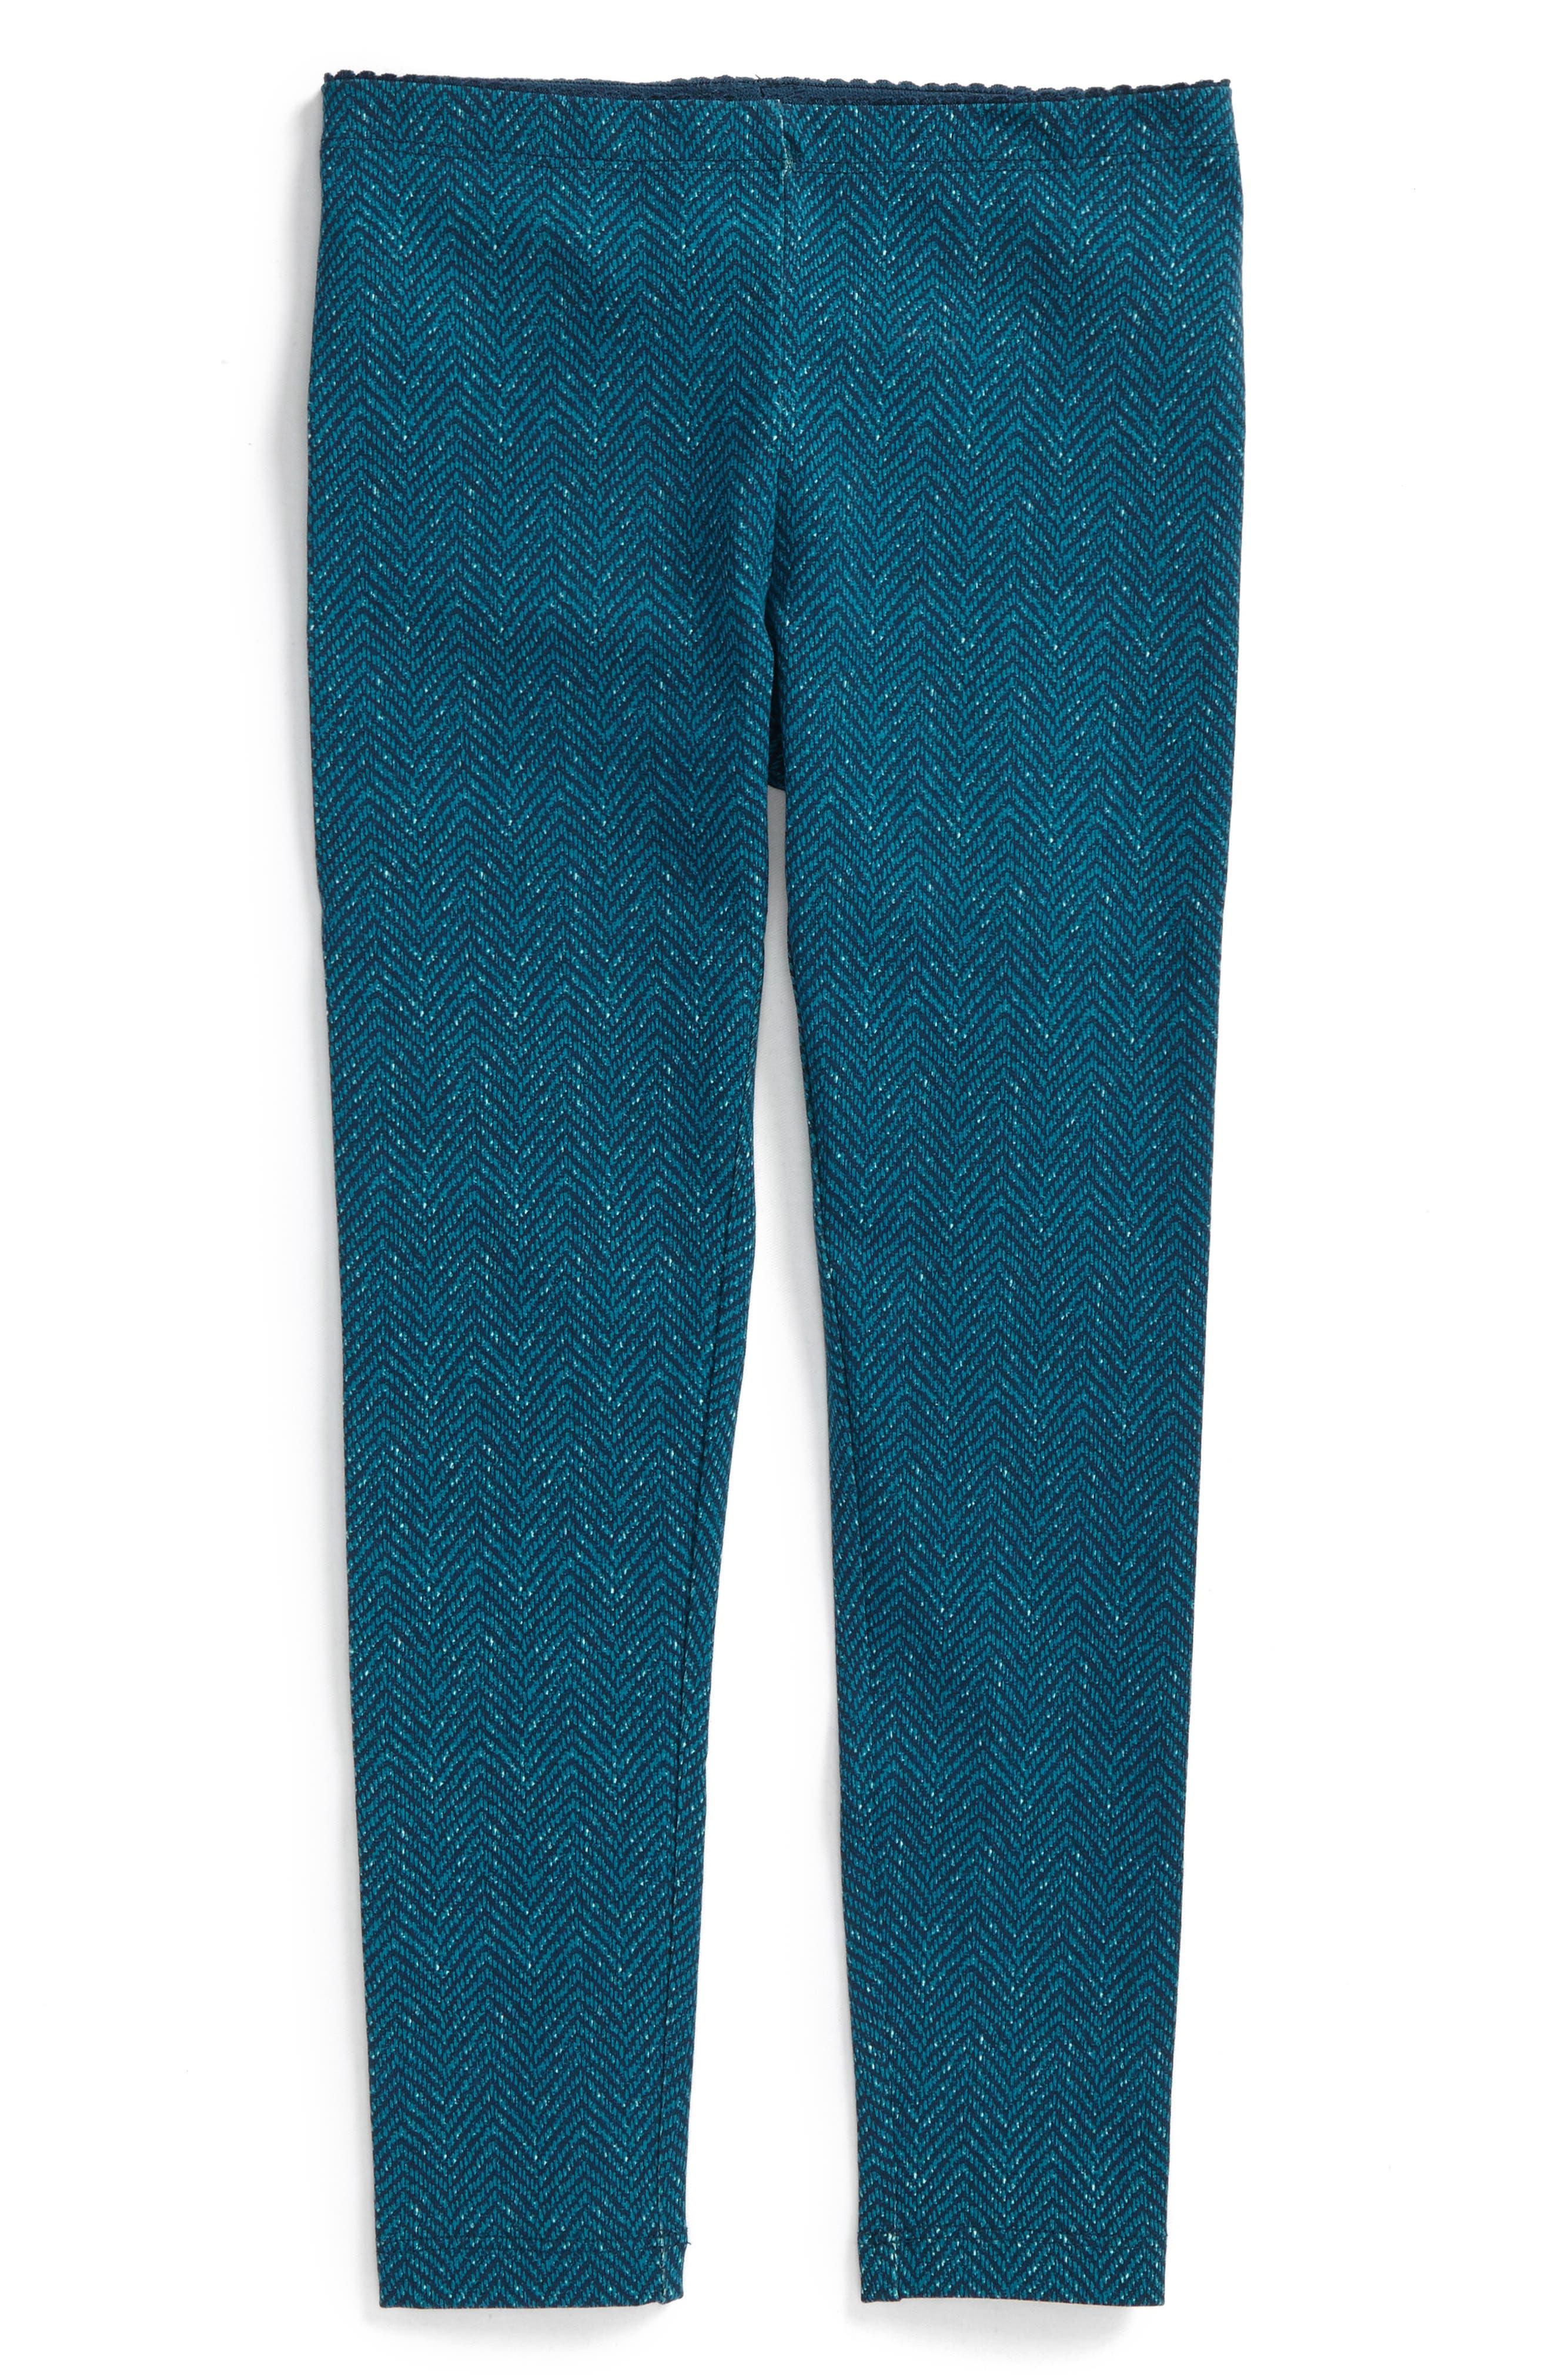 Tweed Print Leggings,                             Main thumbnail 1, color,